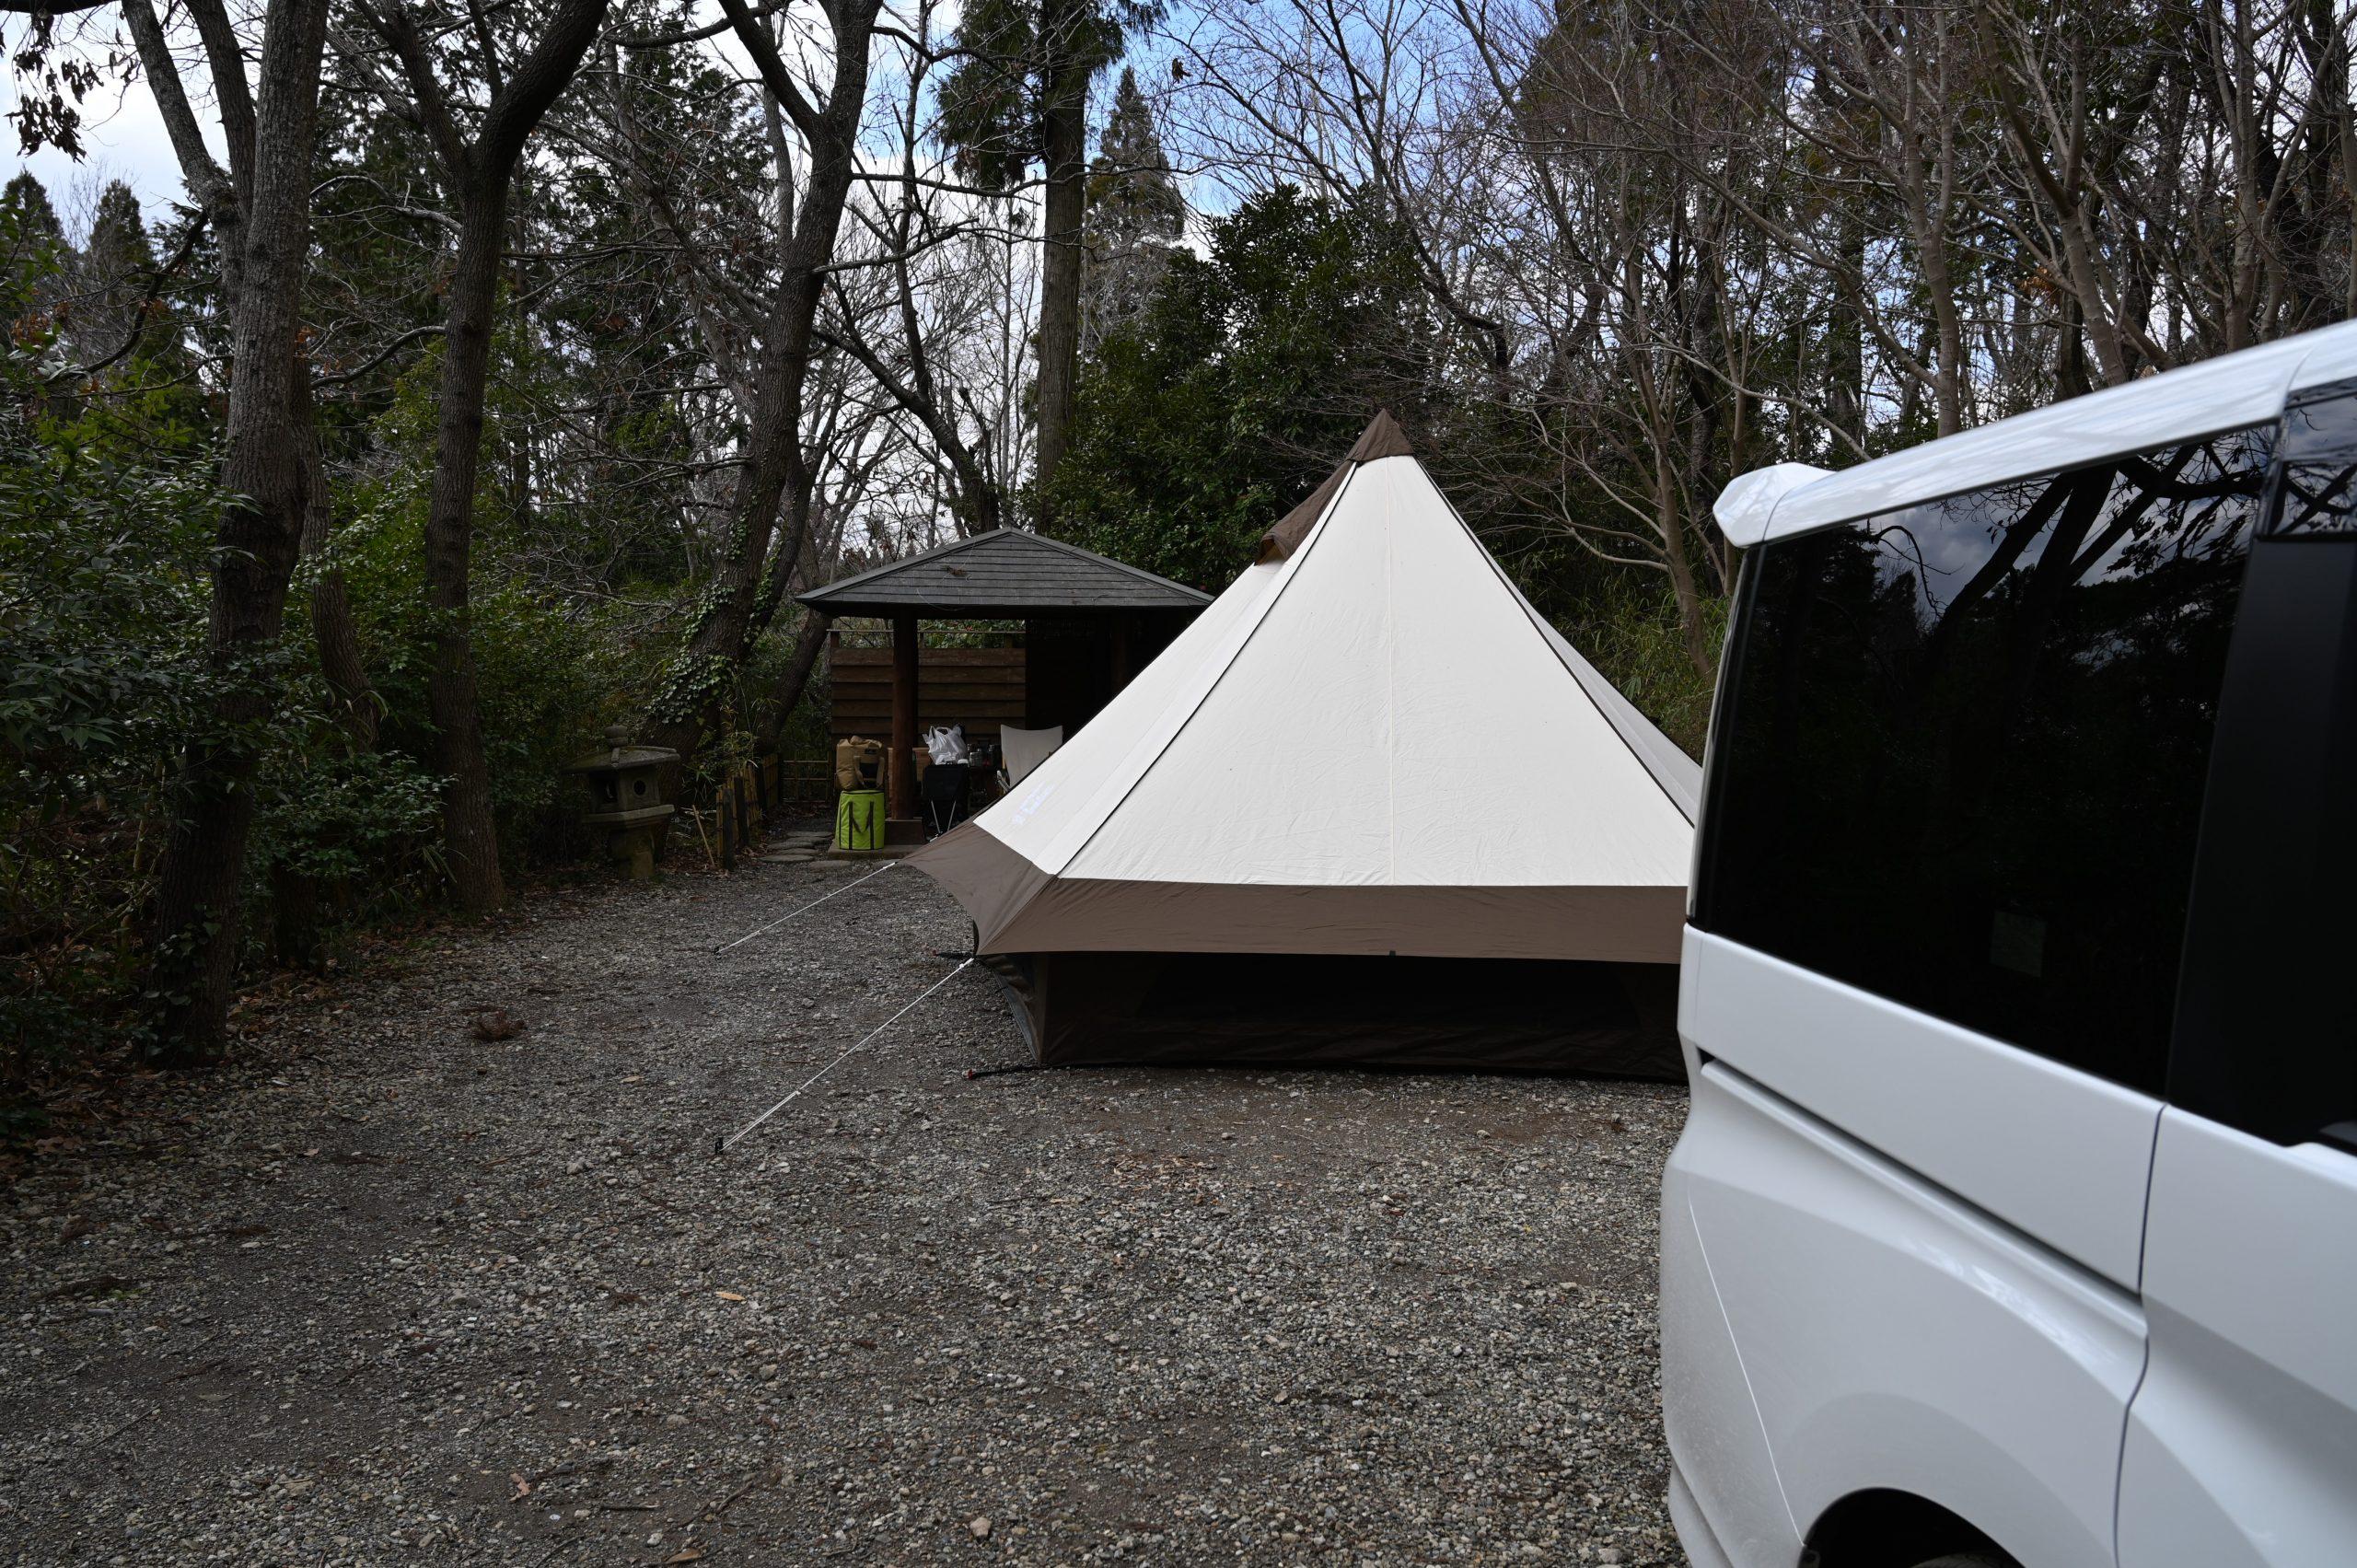 実 苑 オート 場 有野 予約 キャンプ